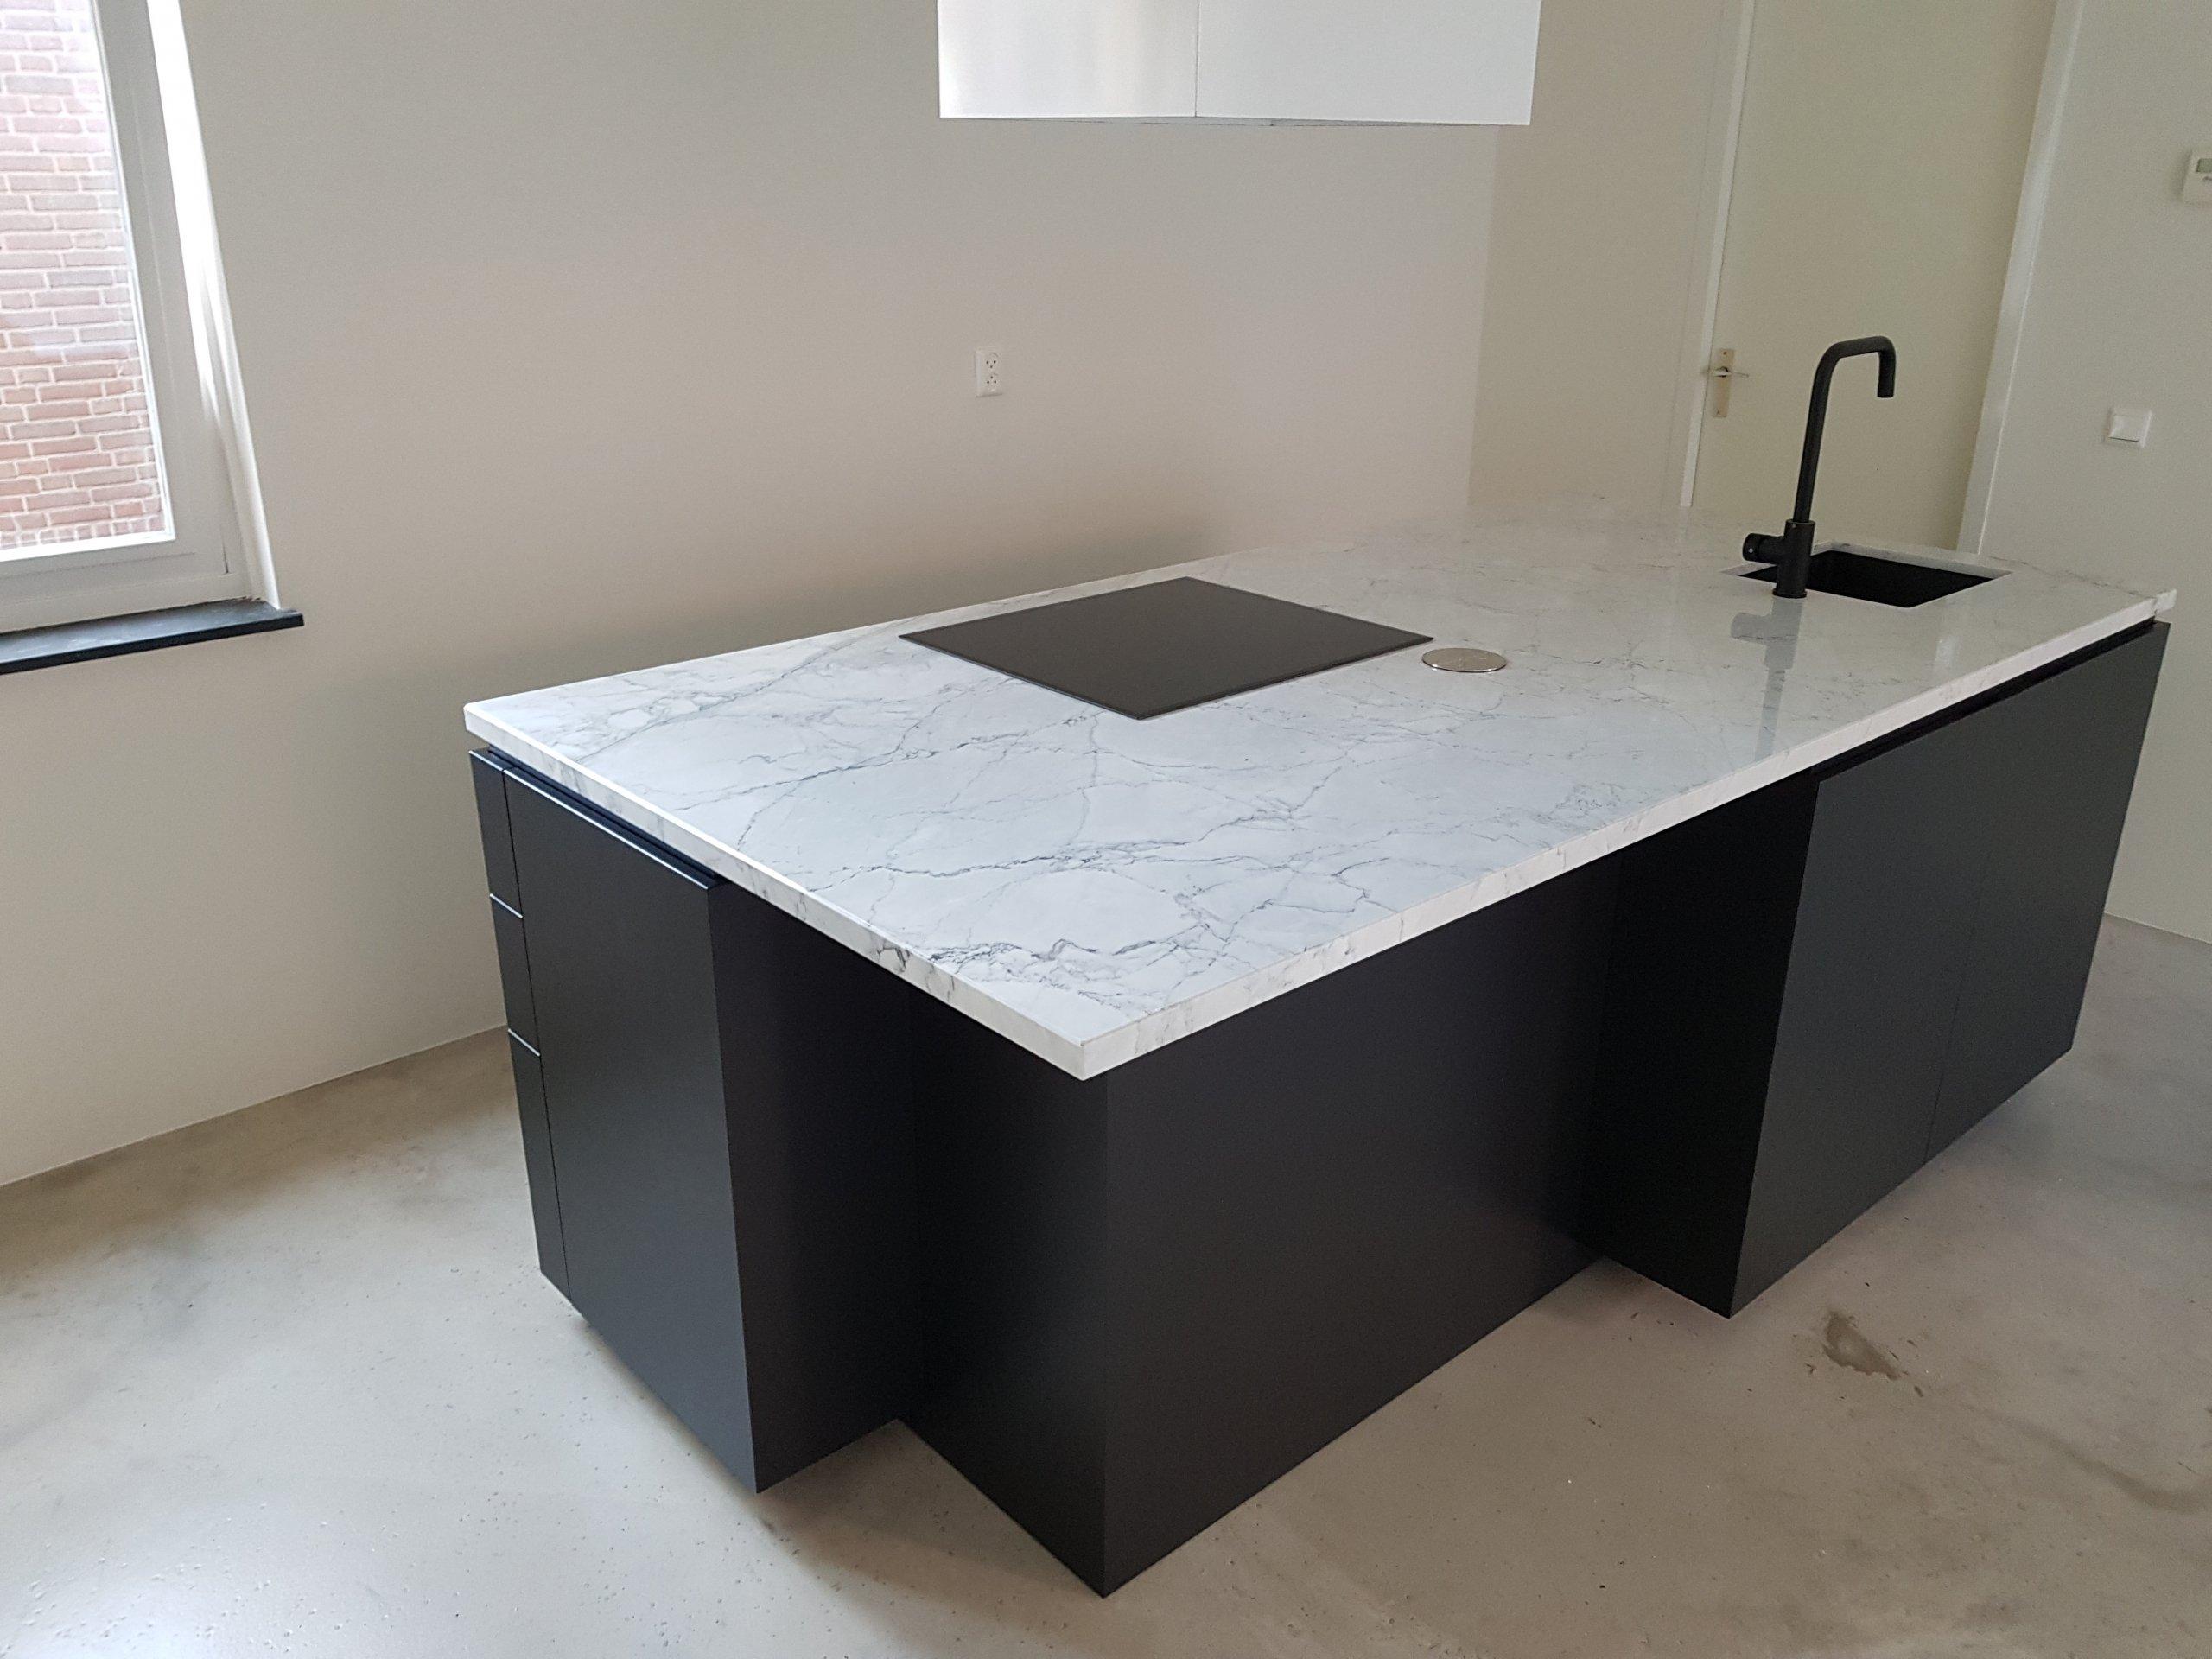 kookeiland mat zwart